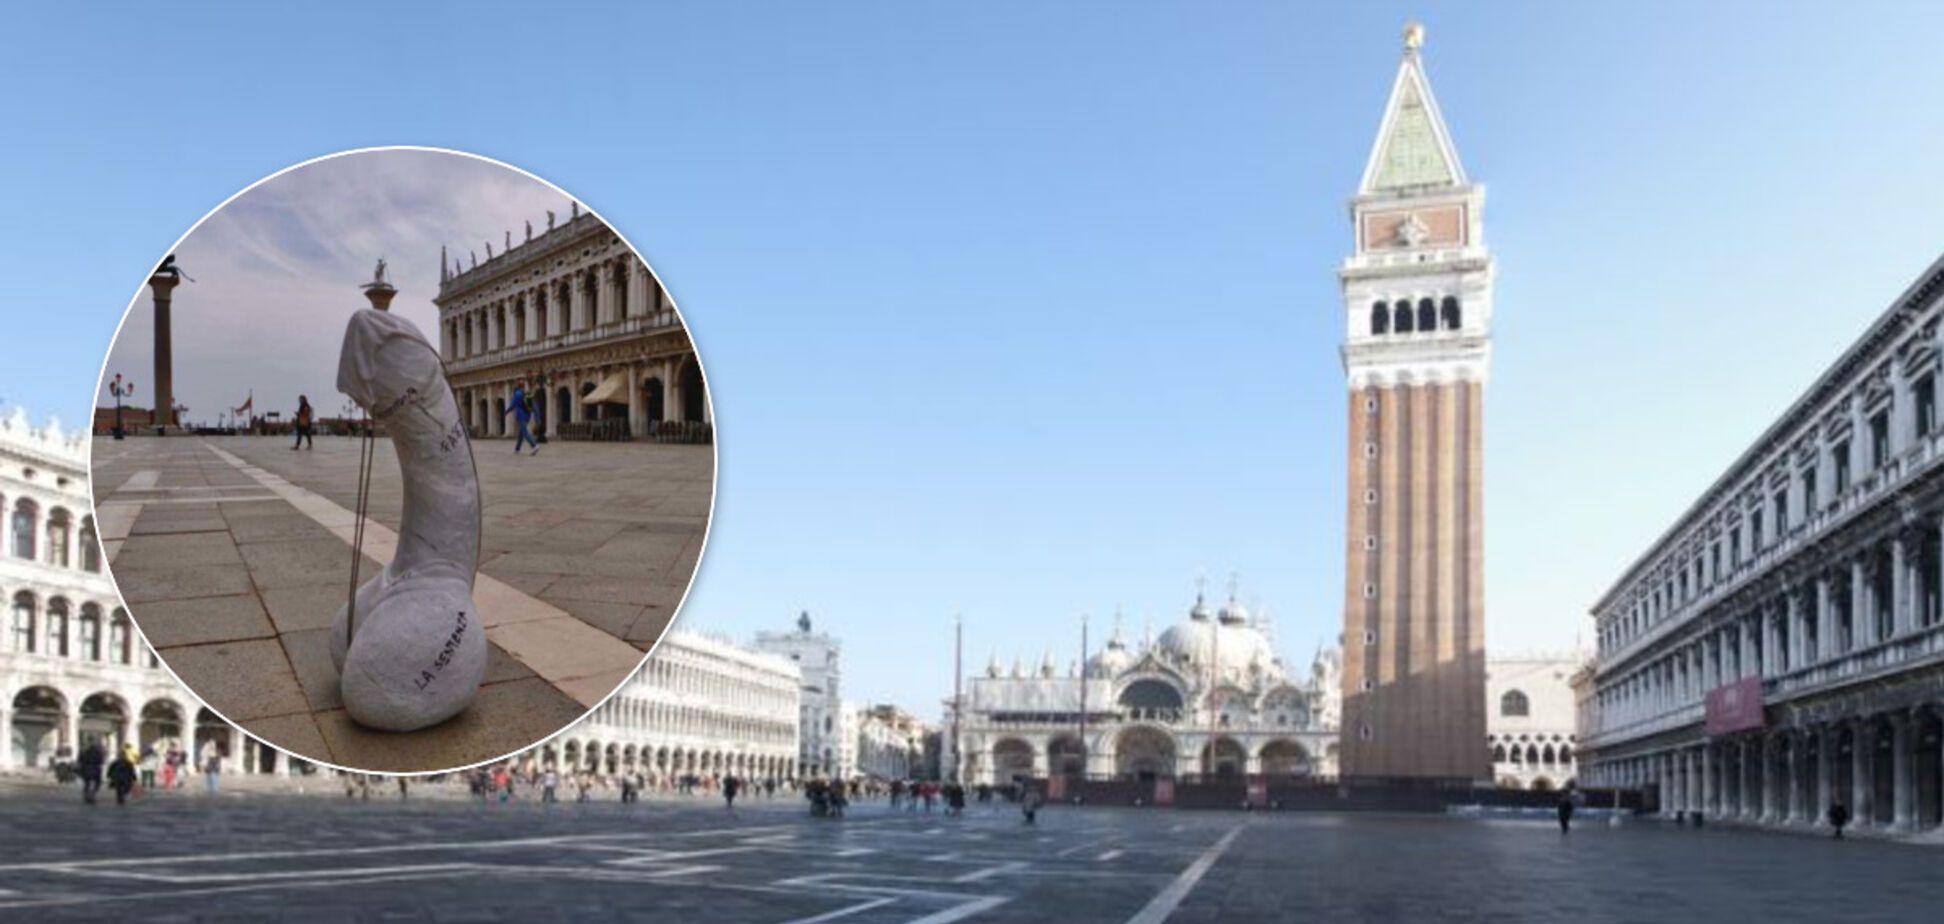 У Венеції на площі встановили величезний мармуровий пеніс у масці. Фото акції